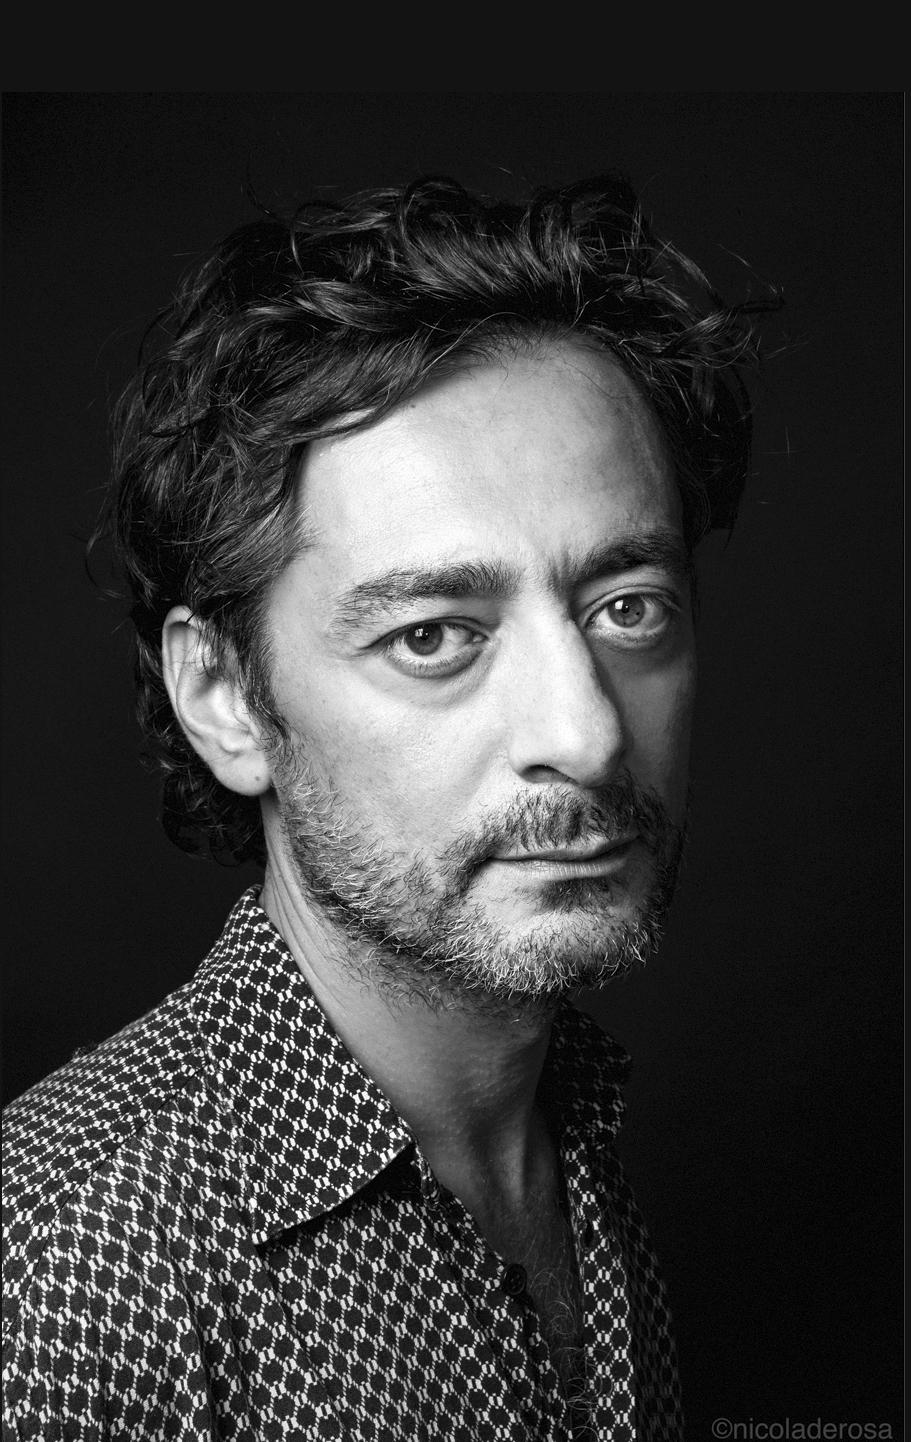 Francesco Giusti (ITA)